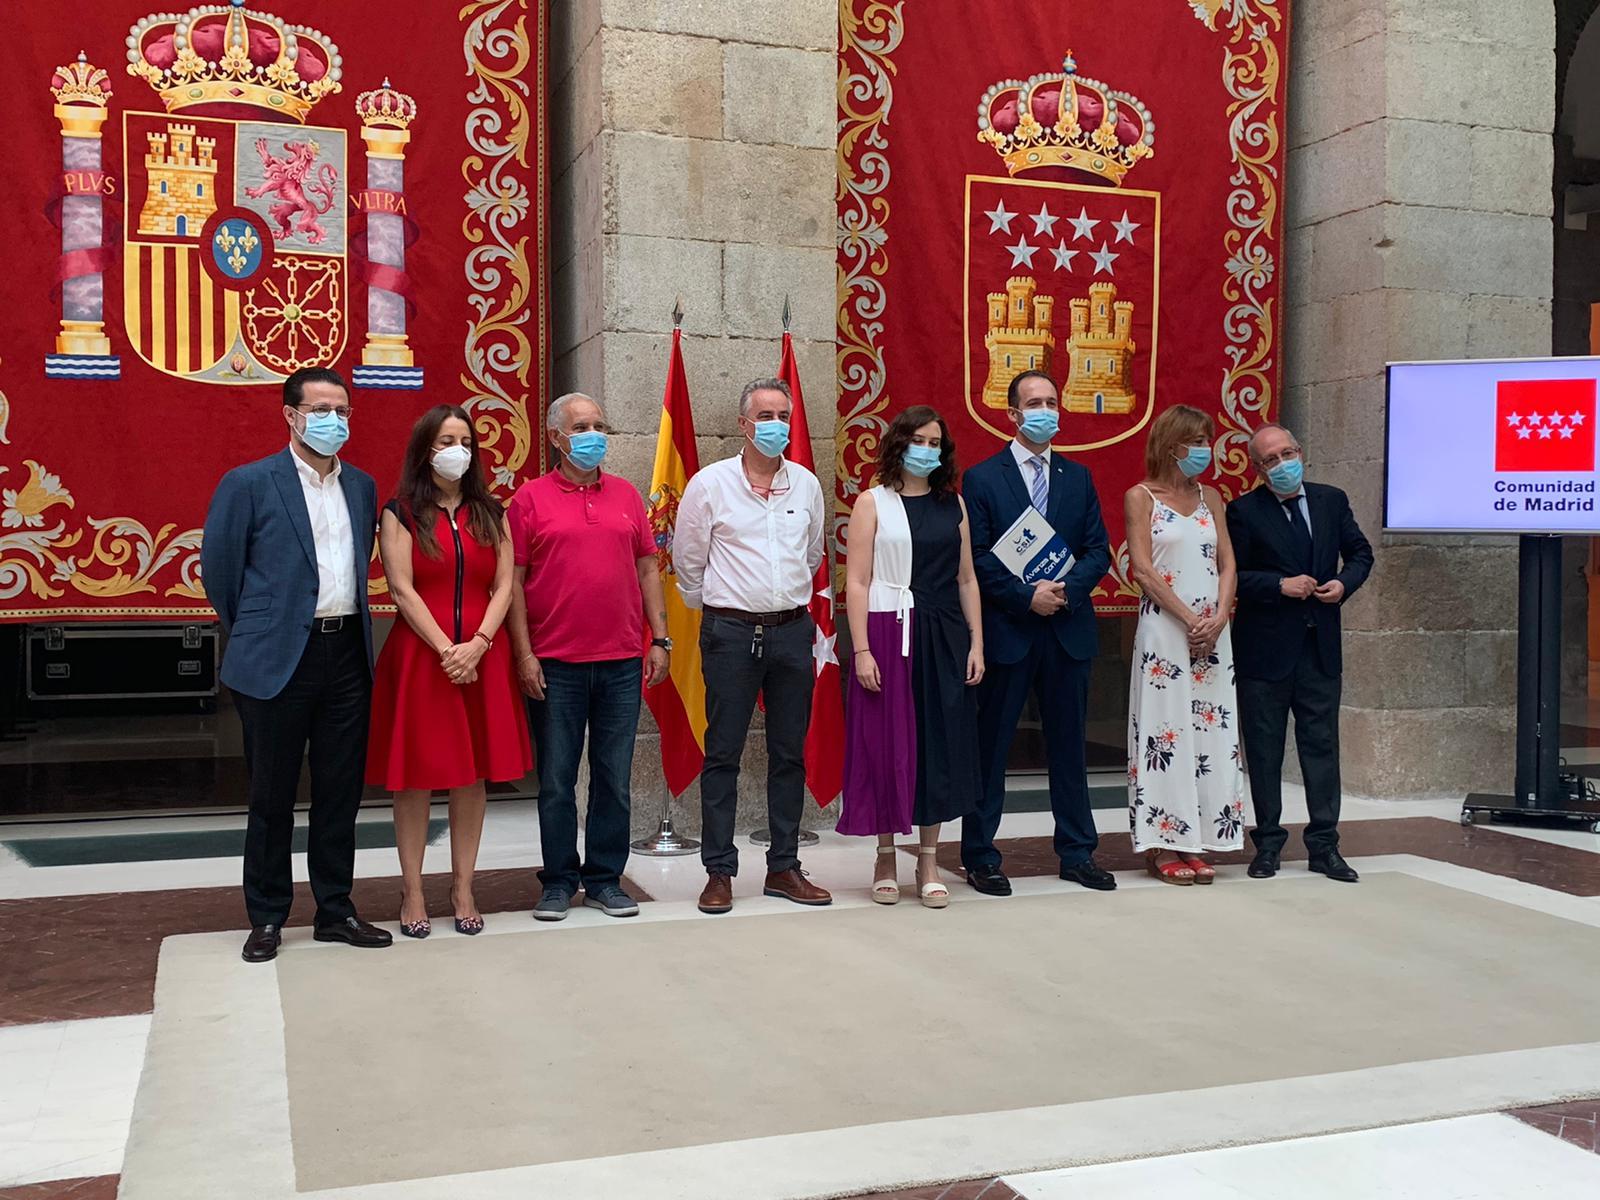 Consejero de Hacienda y FP (Javier Lasquetty), D.G. FP (Mª José Esteban), Sº Gral de FSP-UGT Madrid (Santiago Tamame), Sº Gral FSC-CCOO (Javier Díaz), Presidenta de la CM (Isabel Díaz Ayuso), Sº Gral CSIT UNIÓN PROFESIONAL (José Ángel Montero), Presidenta